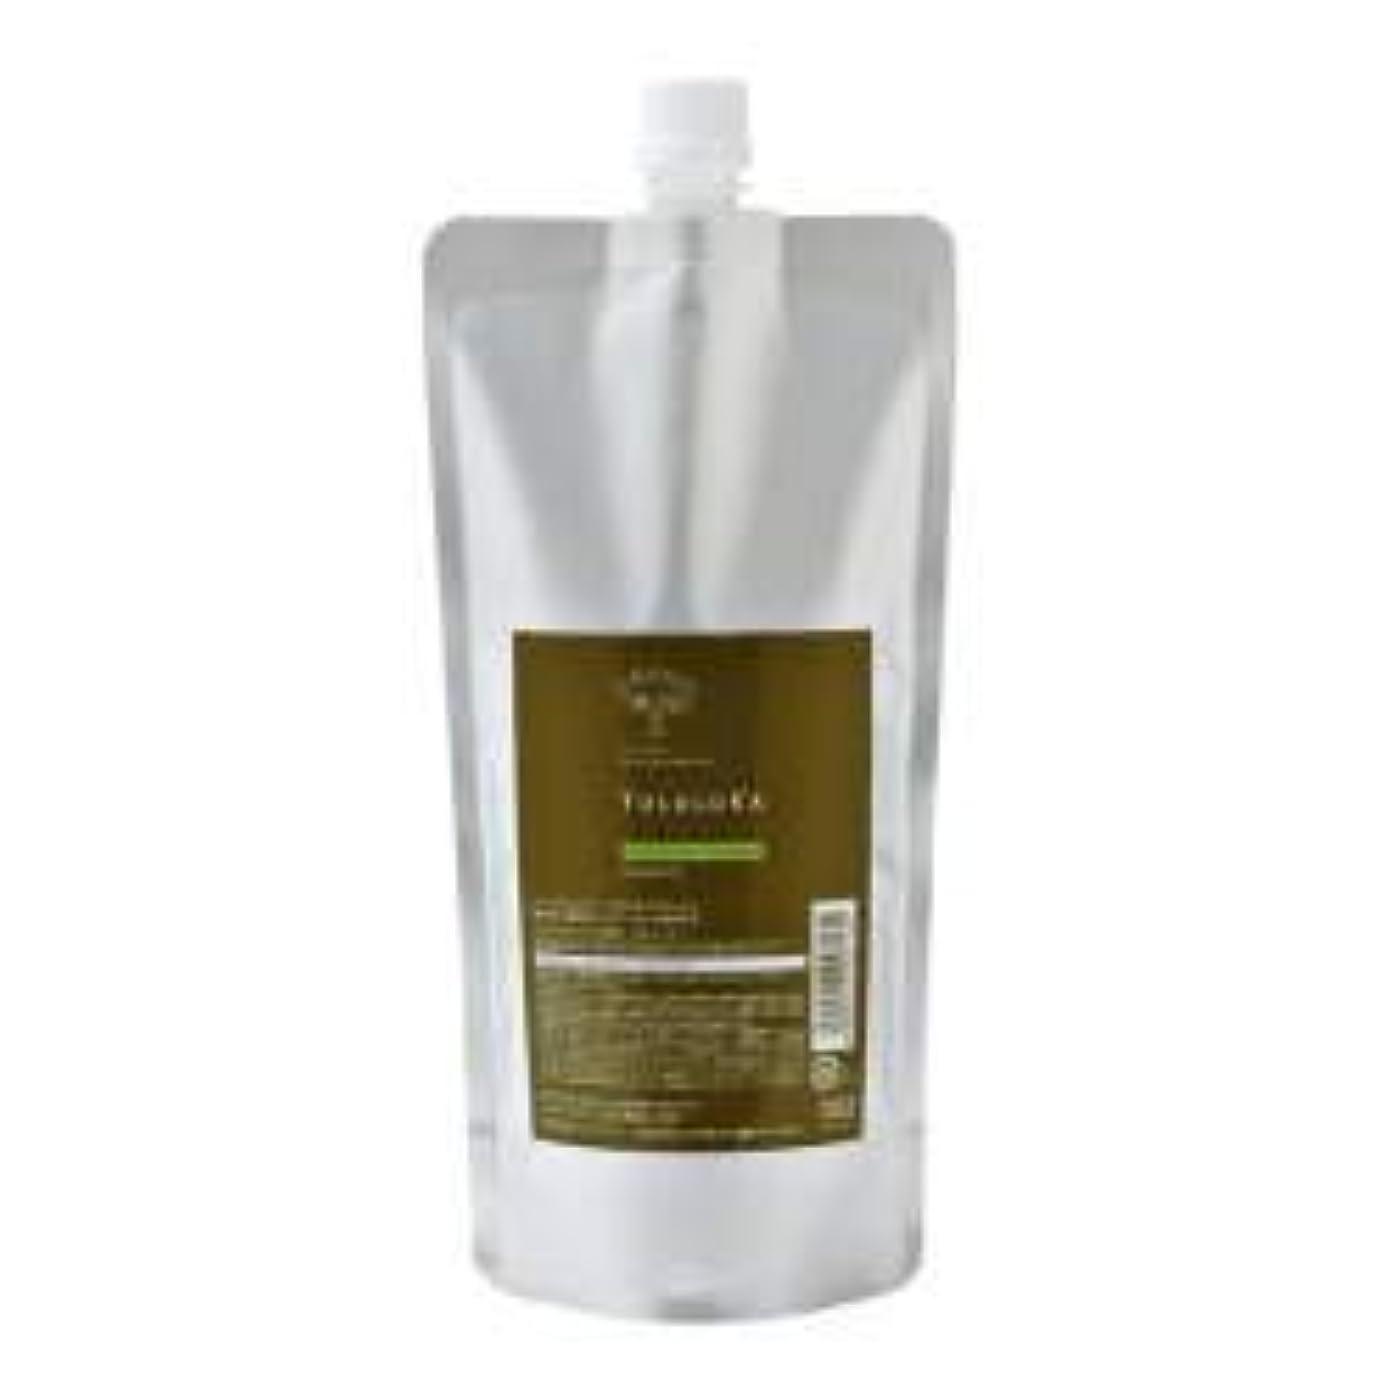 価値気晴らしホースユルルカ ハーバルバンブー スキャルプウォッシュ詰替用(医薬部外品)(500mL)